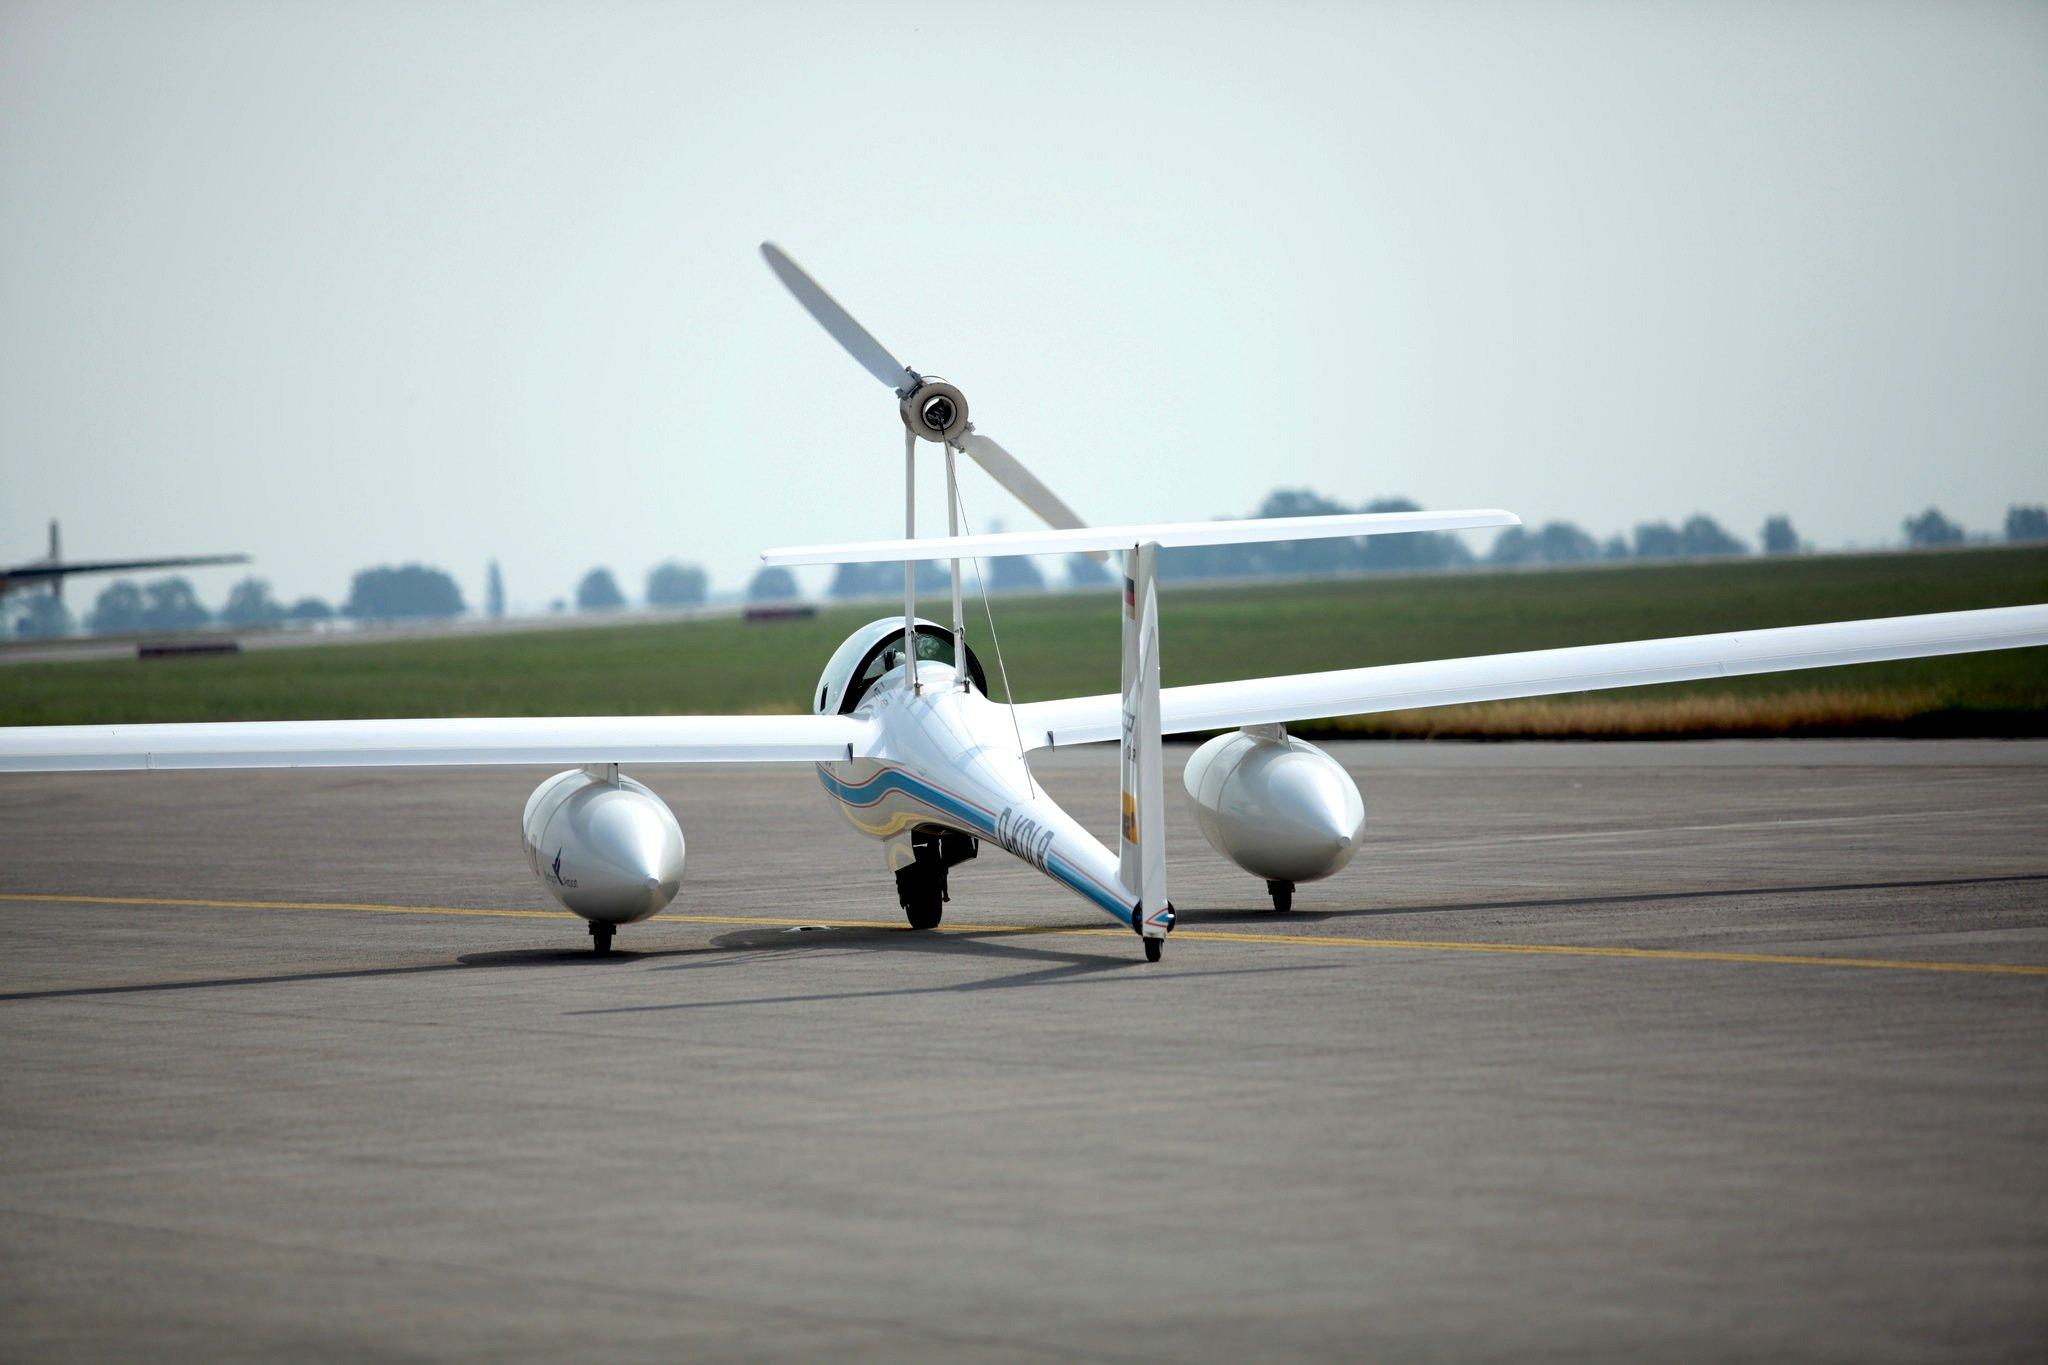 Antares DLR-H2 auf der Rollbahn: Mit Akku kommt das elektrisch angetriebene Flugzeug etwa 200 Kilometer weit, mit Brennstoffzelle sogar mehr als 750 Kilometer. Dank eines Kamerasystems kann es jetzt auch flüchtende Verbrecher überwachen.